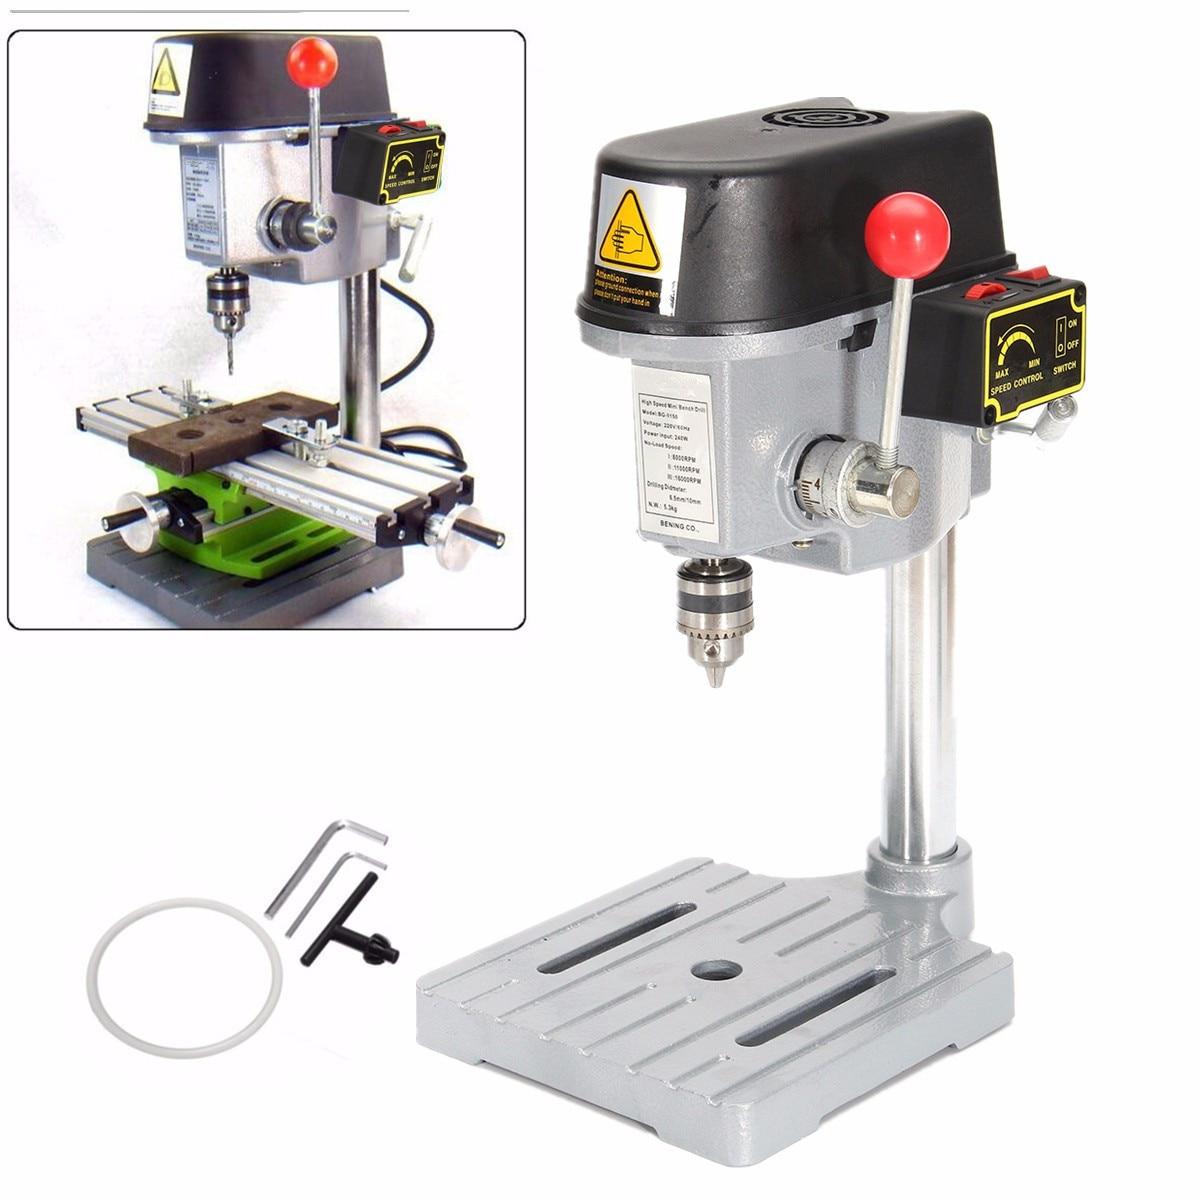 Bohrmaschine Mini Bohren Maschine 240W für Bank Maschine Tisch Bit Bohren Chuck 0,6-6,5mm Holz Metall elektrische Werkzeuge